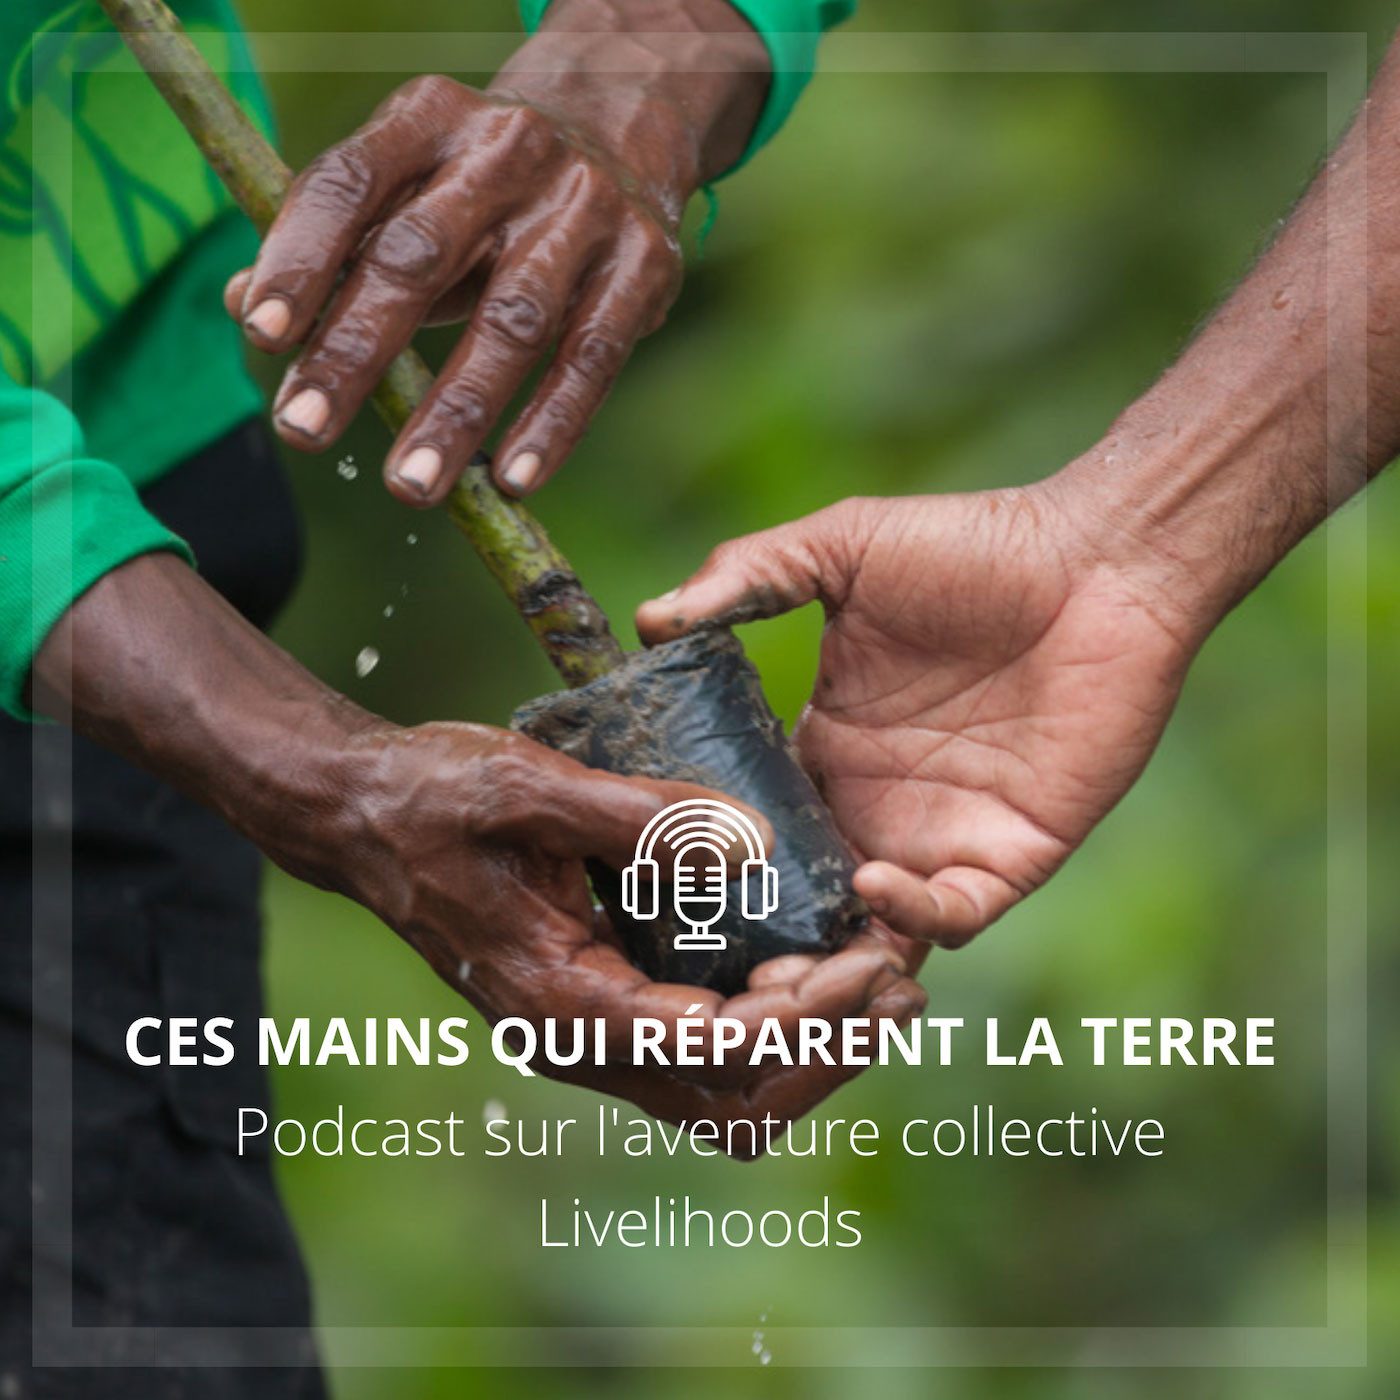 Ces mains qui réparent la Terre